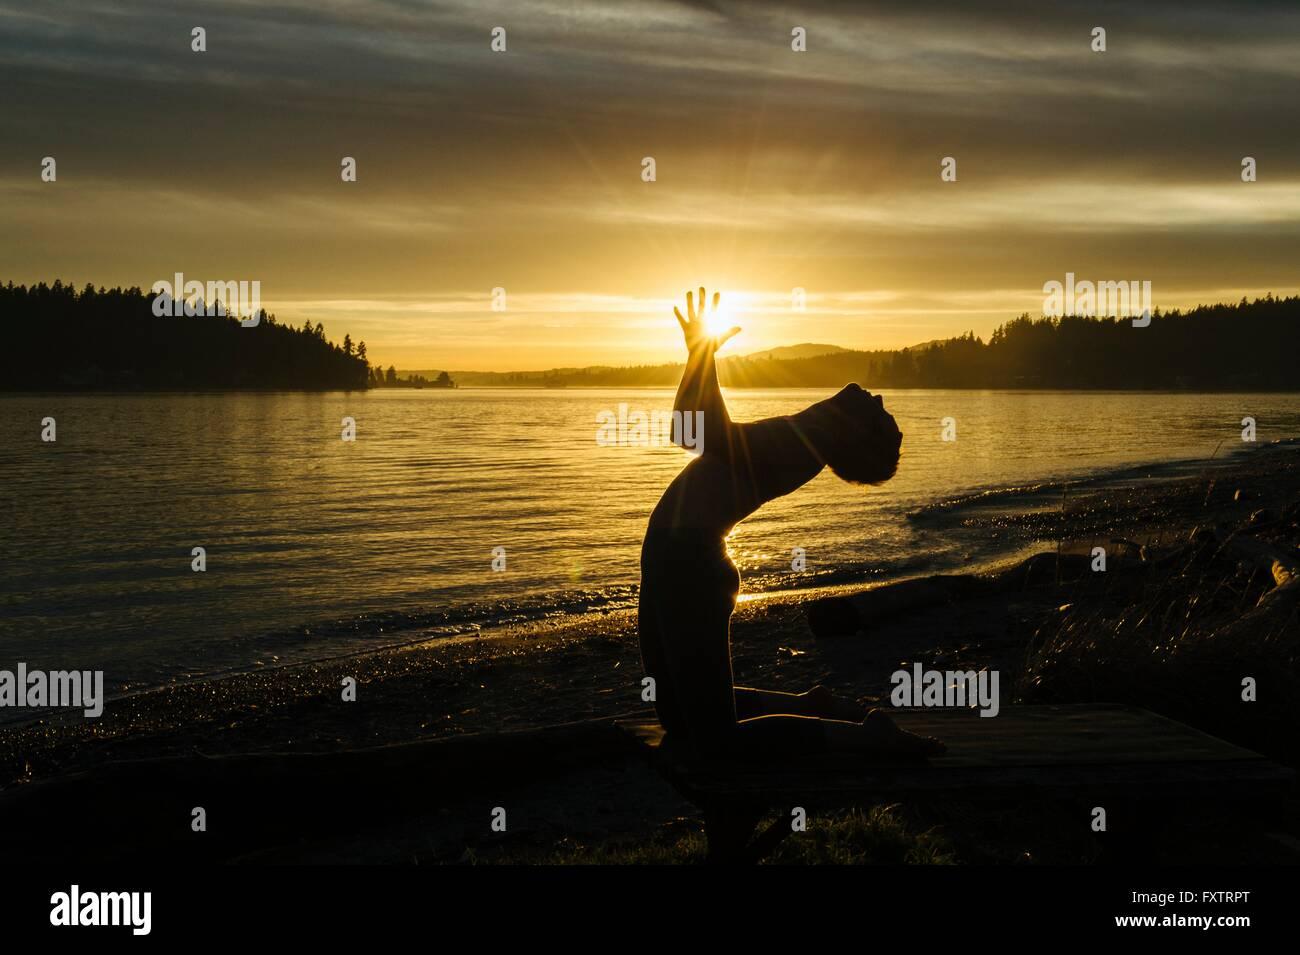 Woman practising yoga by lake at sunset - Stock Image